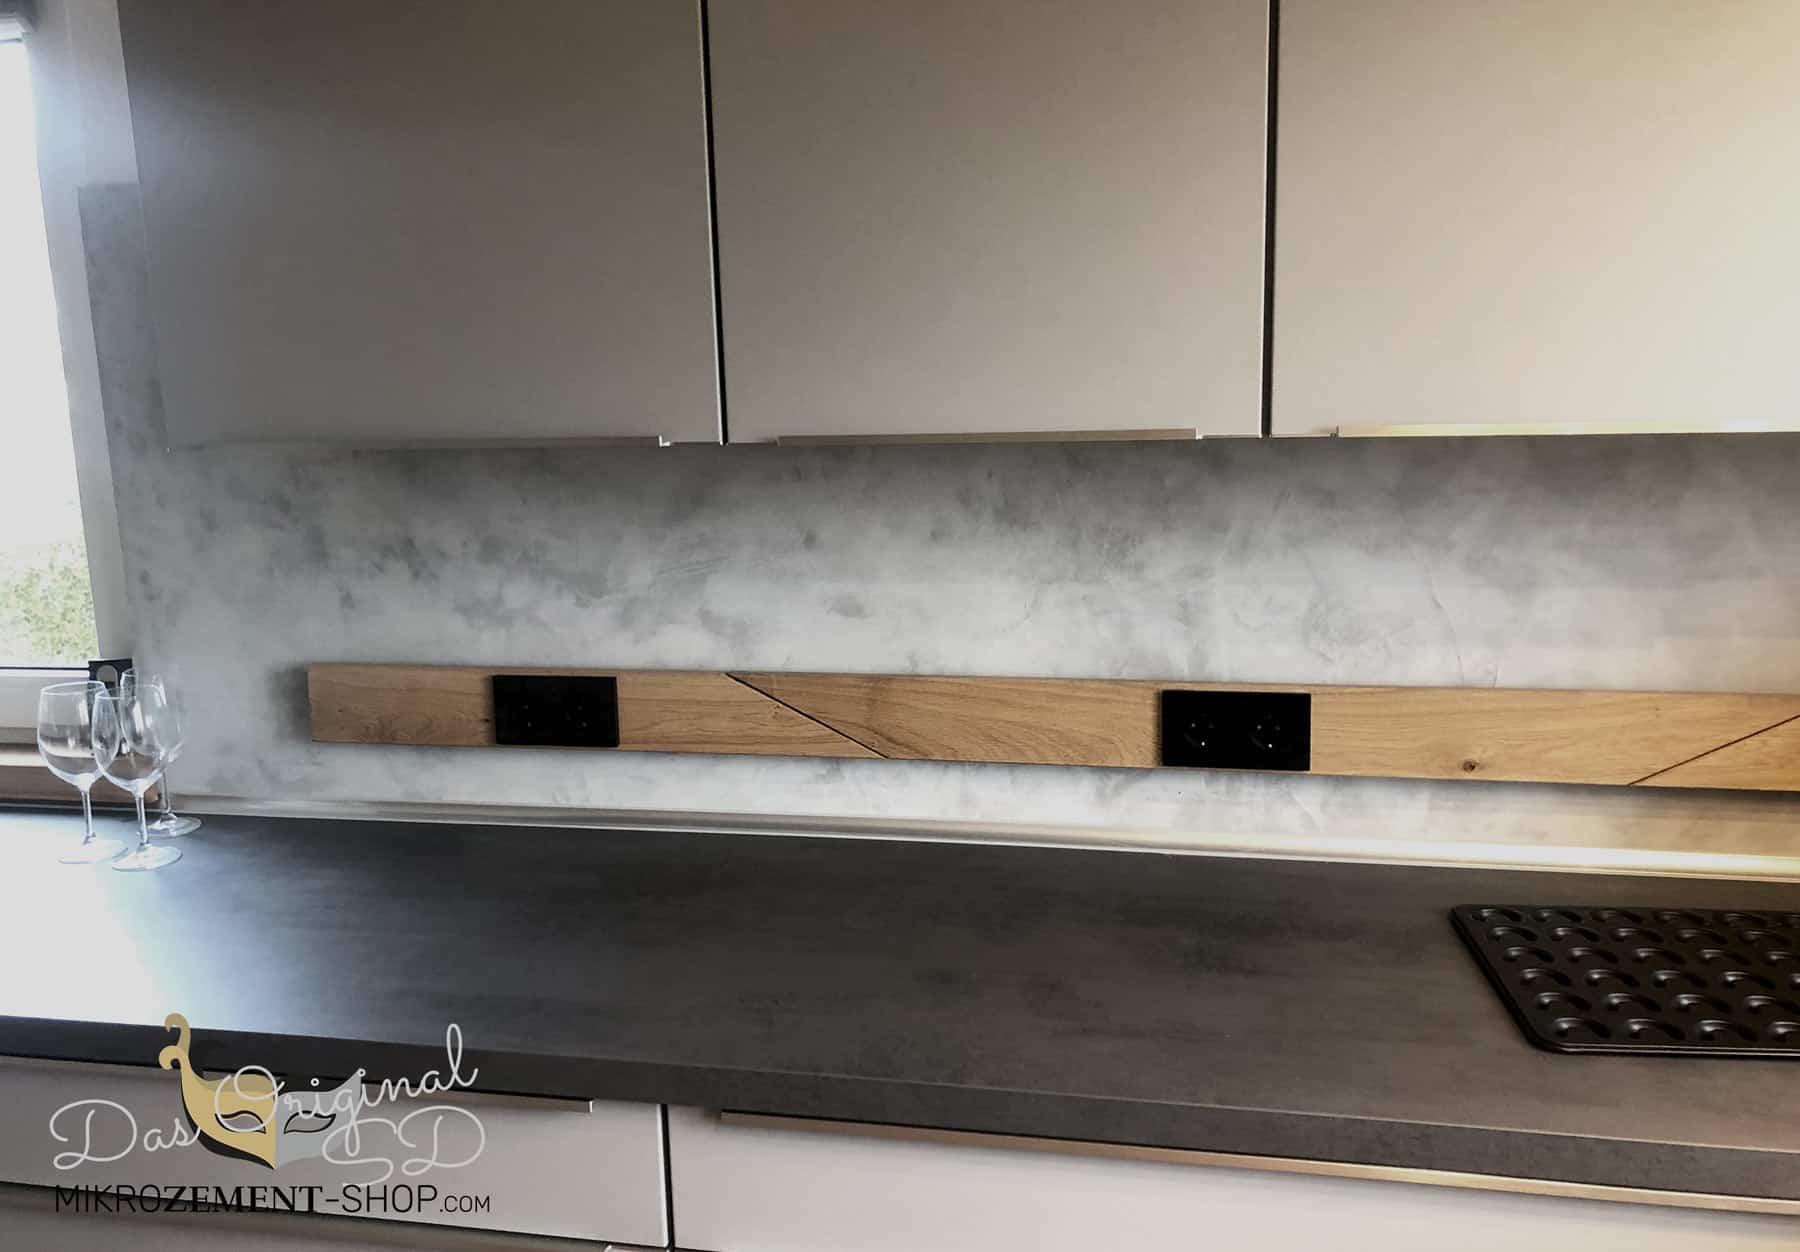 Mikrozement SD Küche